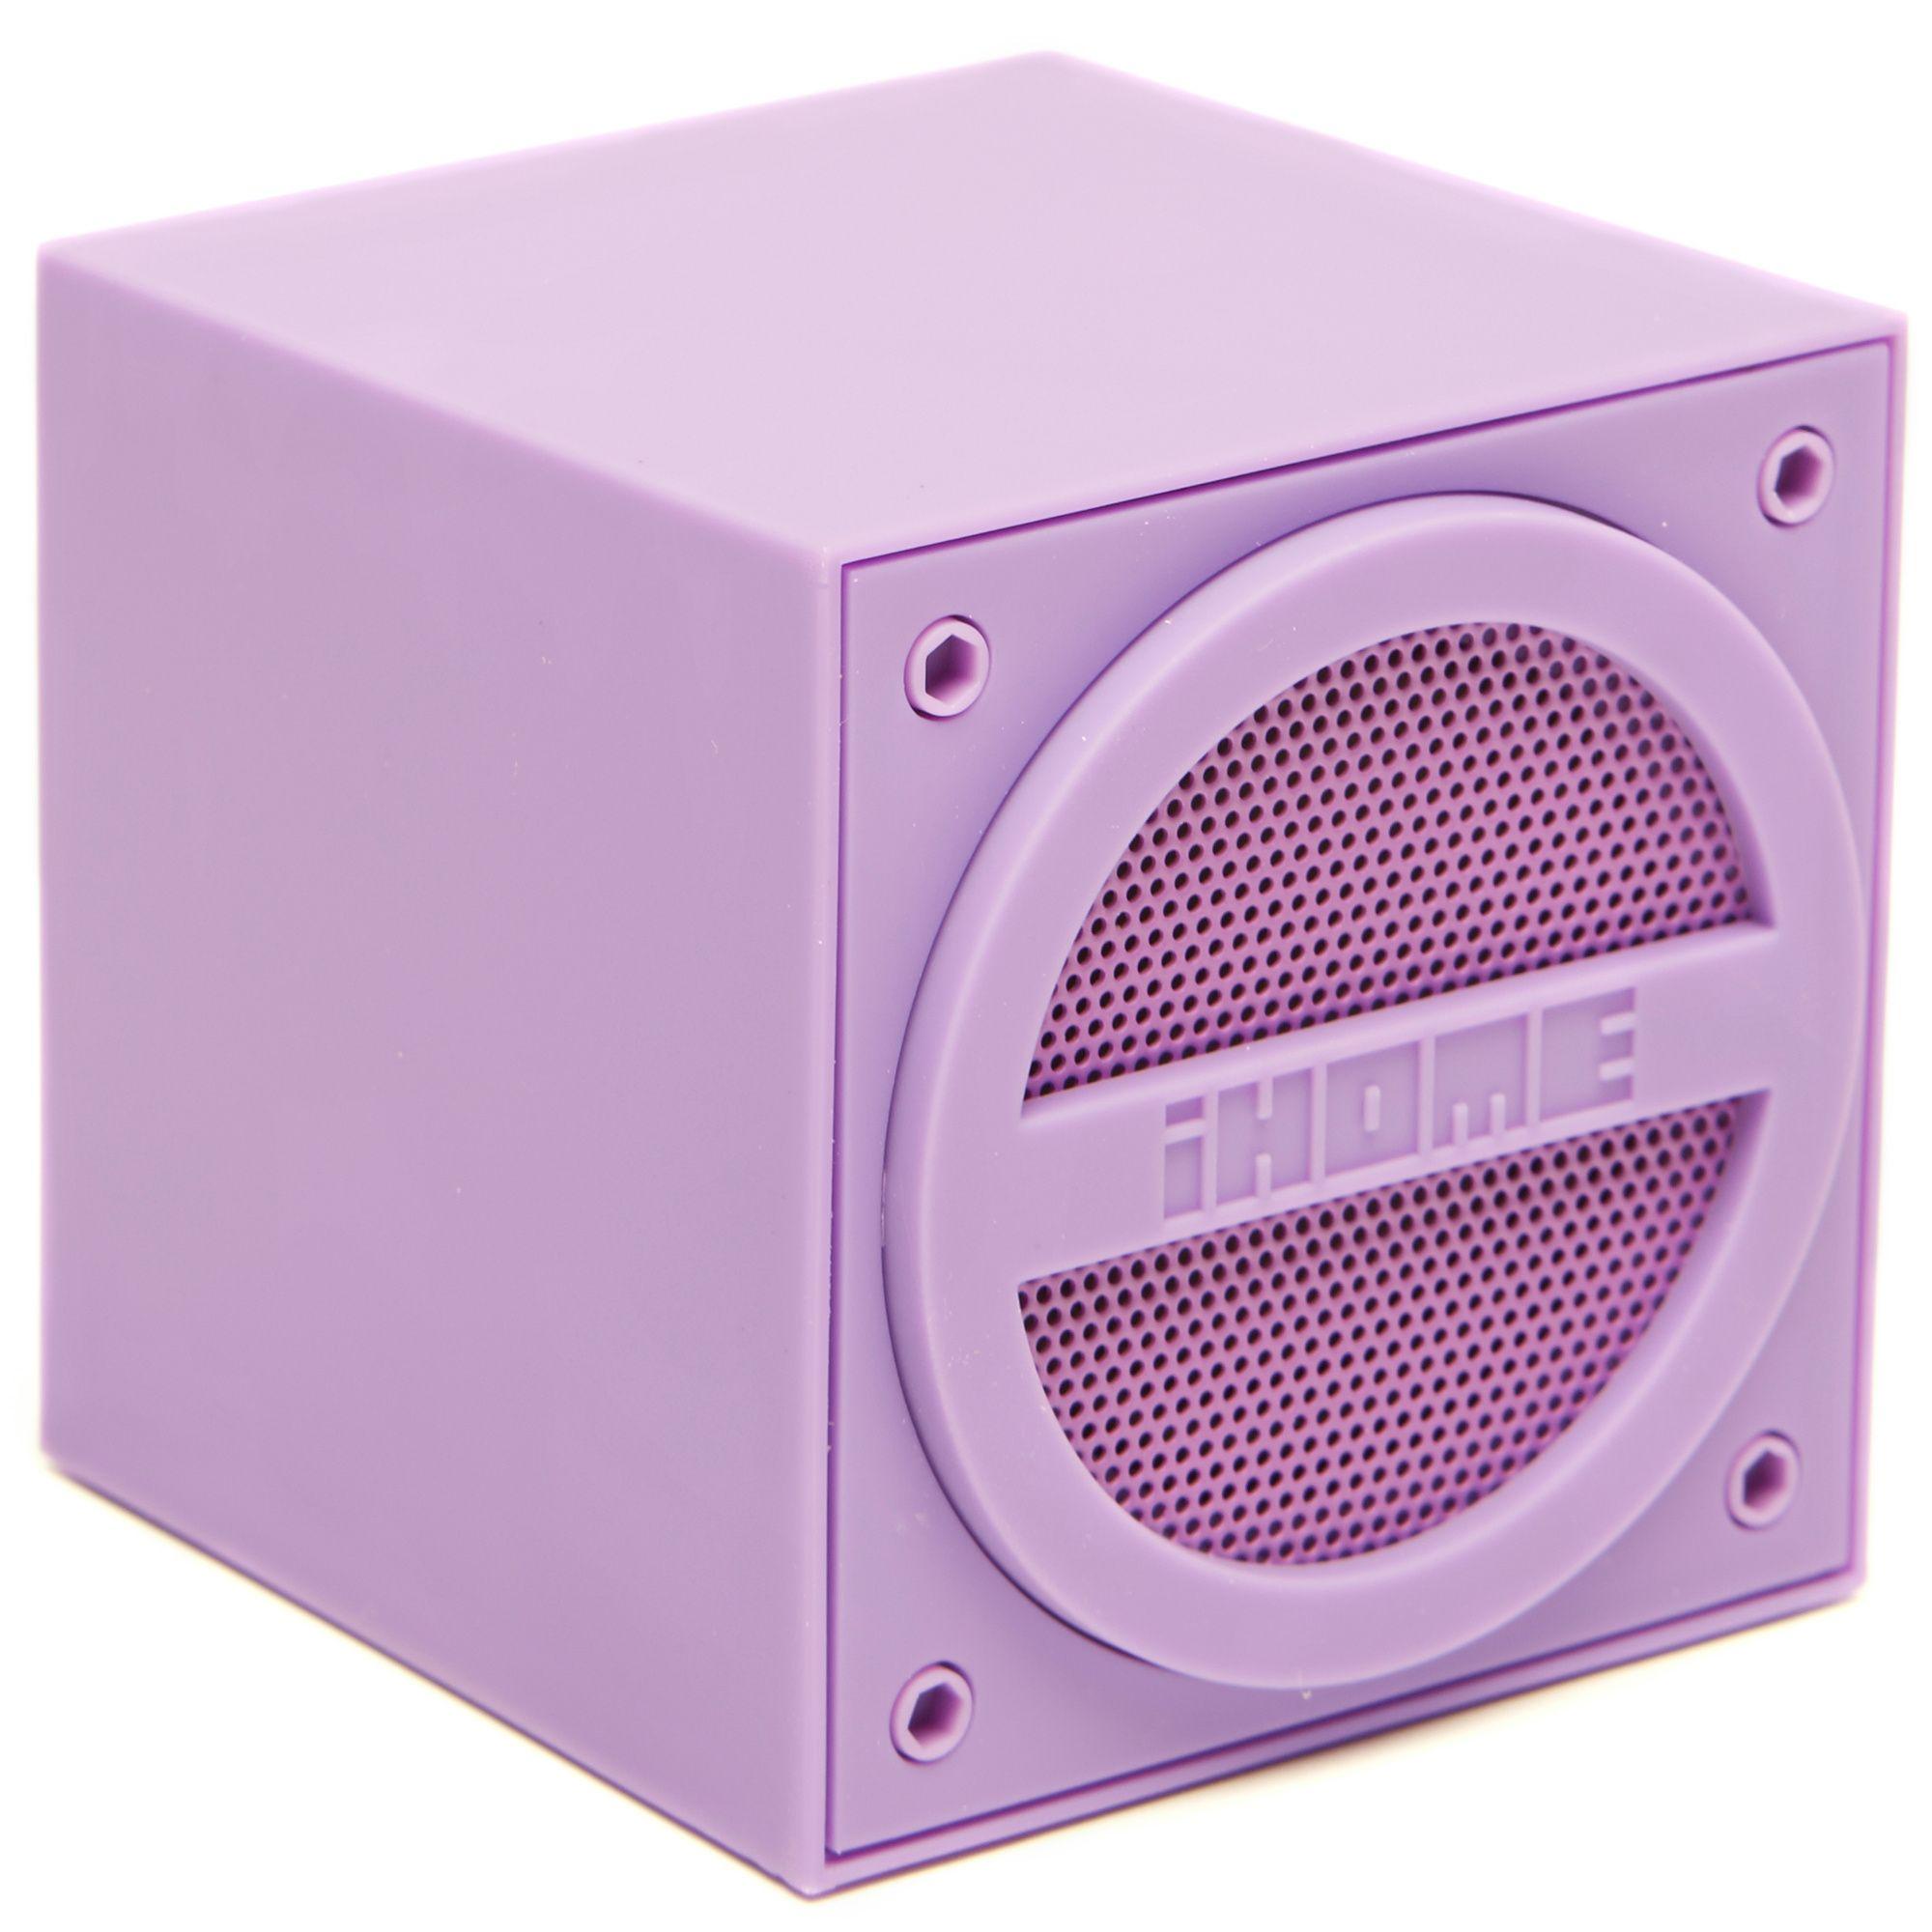 IHOME Wireless Rechargeable Mini Speaker Cube